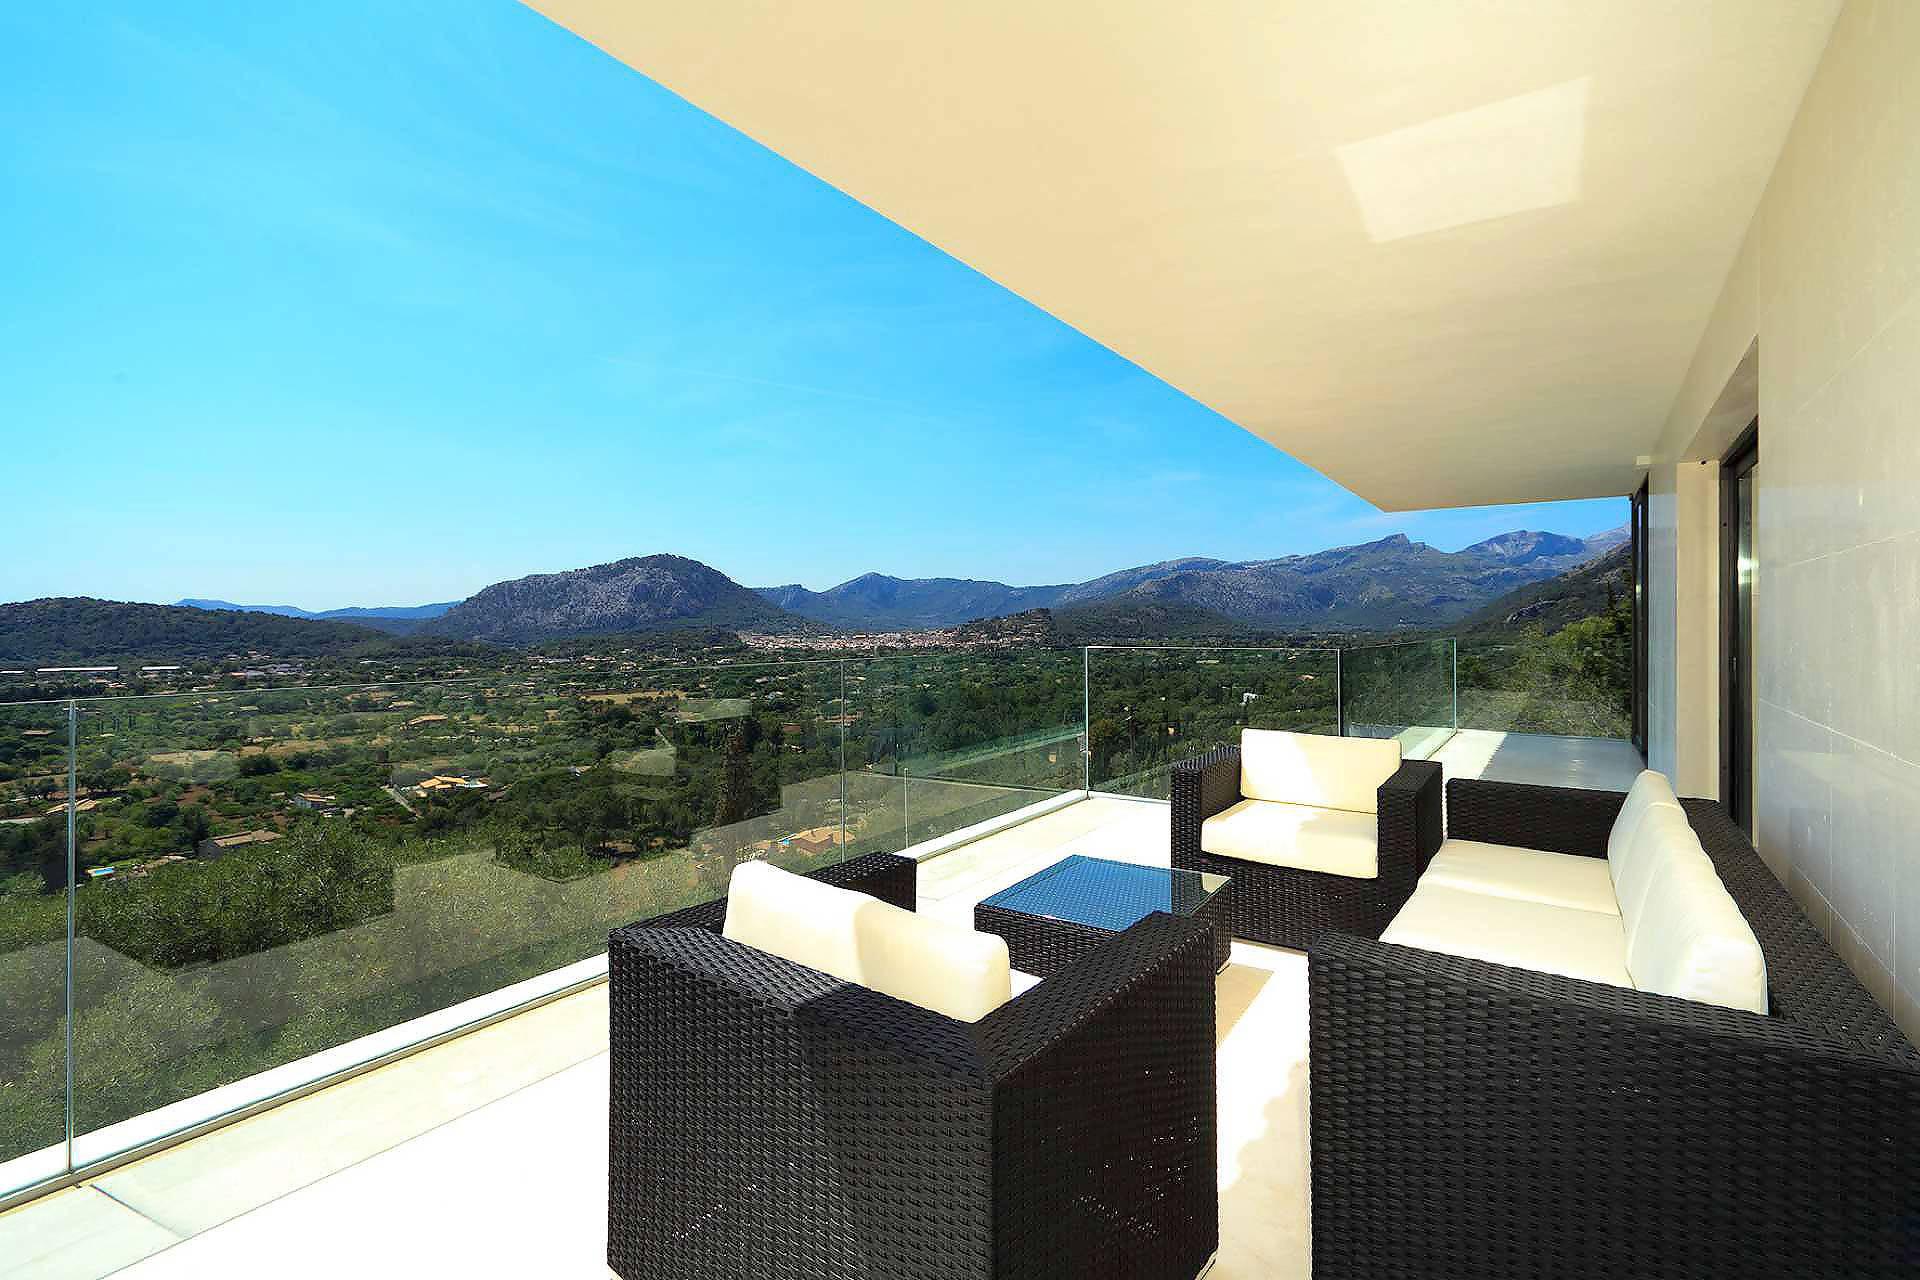 01-25 Design Villa Mallorca Norden Bild 3